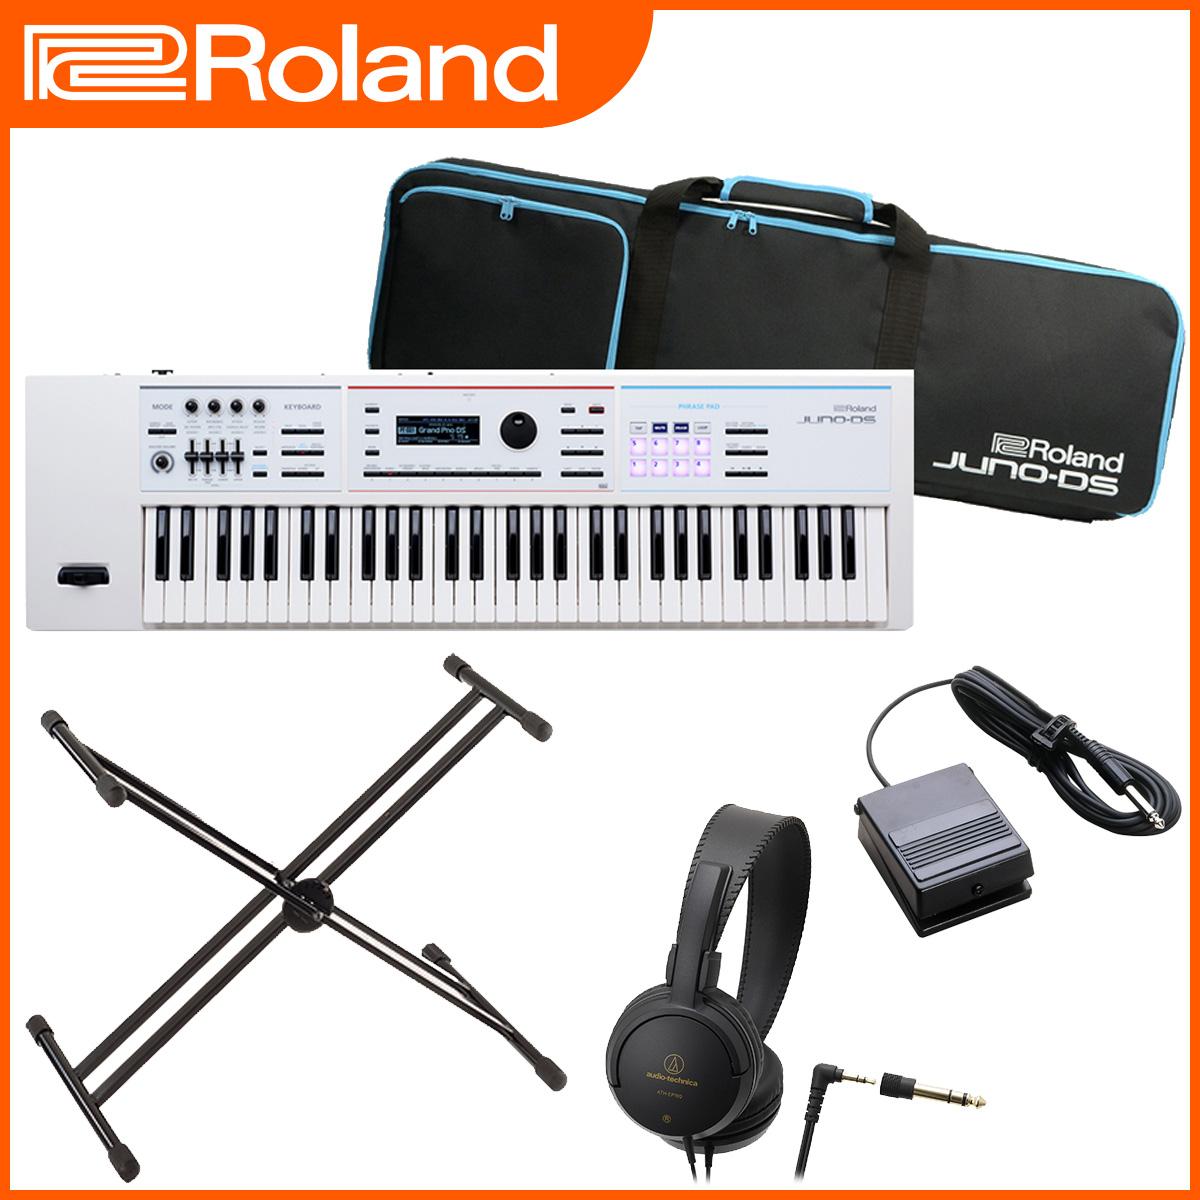 Roland ローランド / JUNO-DS61W 【スタートセット!】シンセサイザー (JUNO-DS)ホワイトWH 【yrk】【YRK】